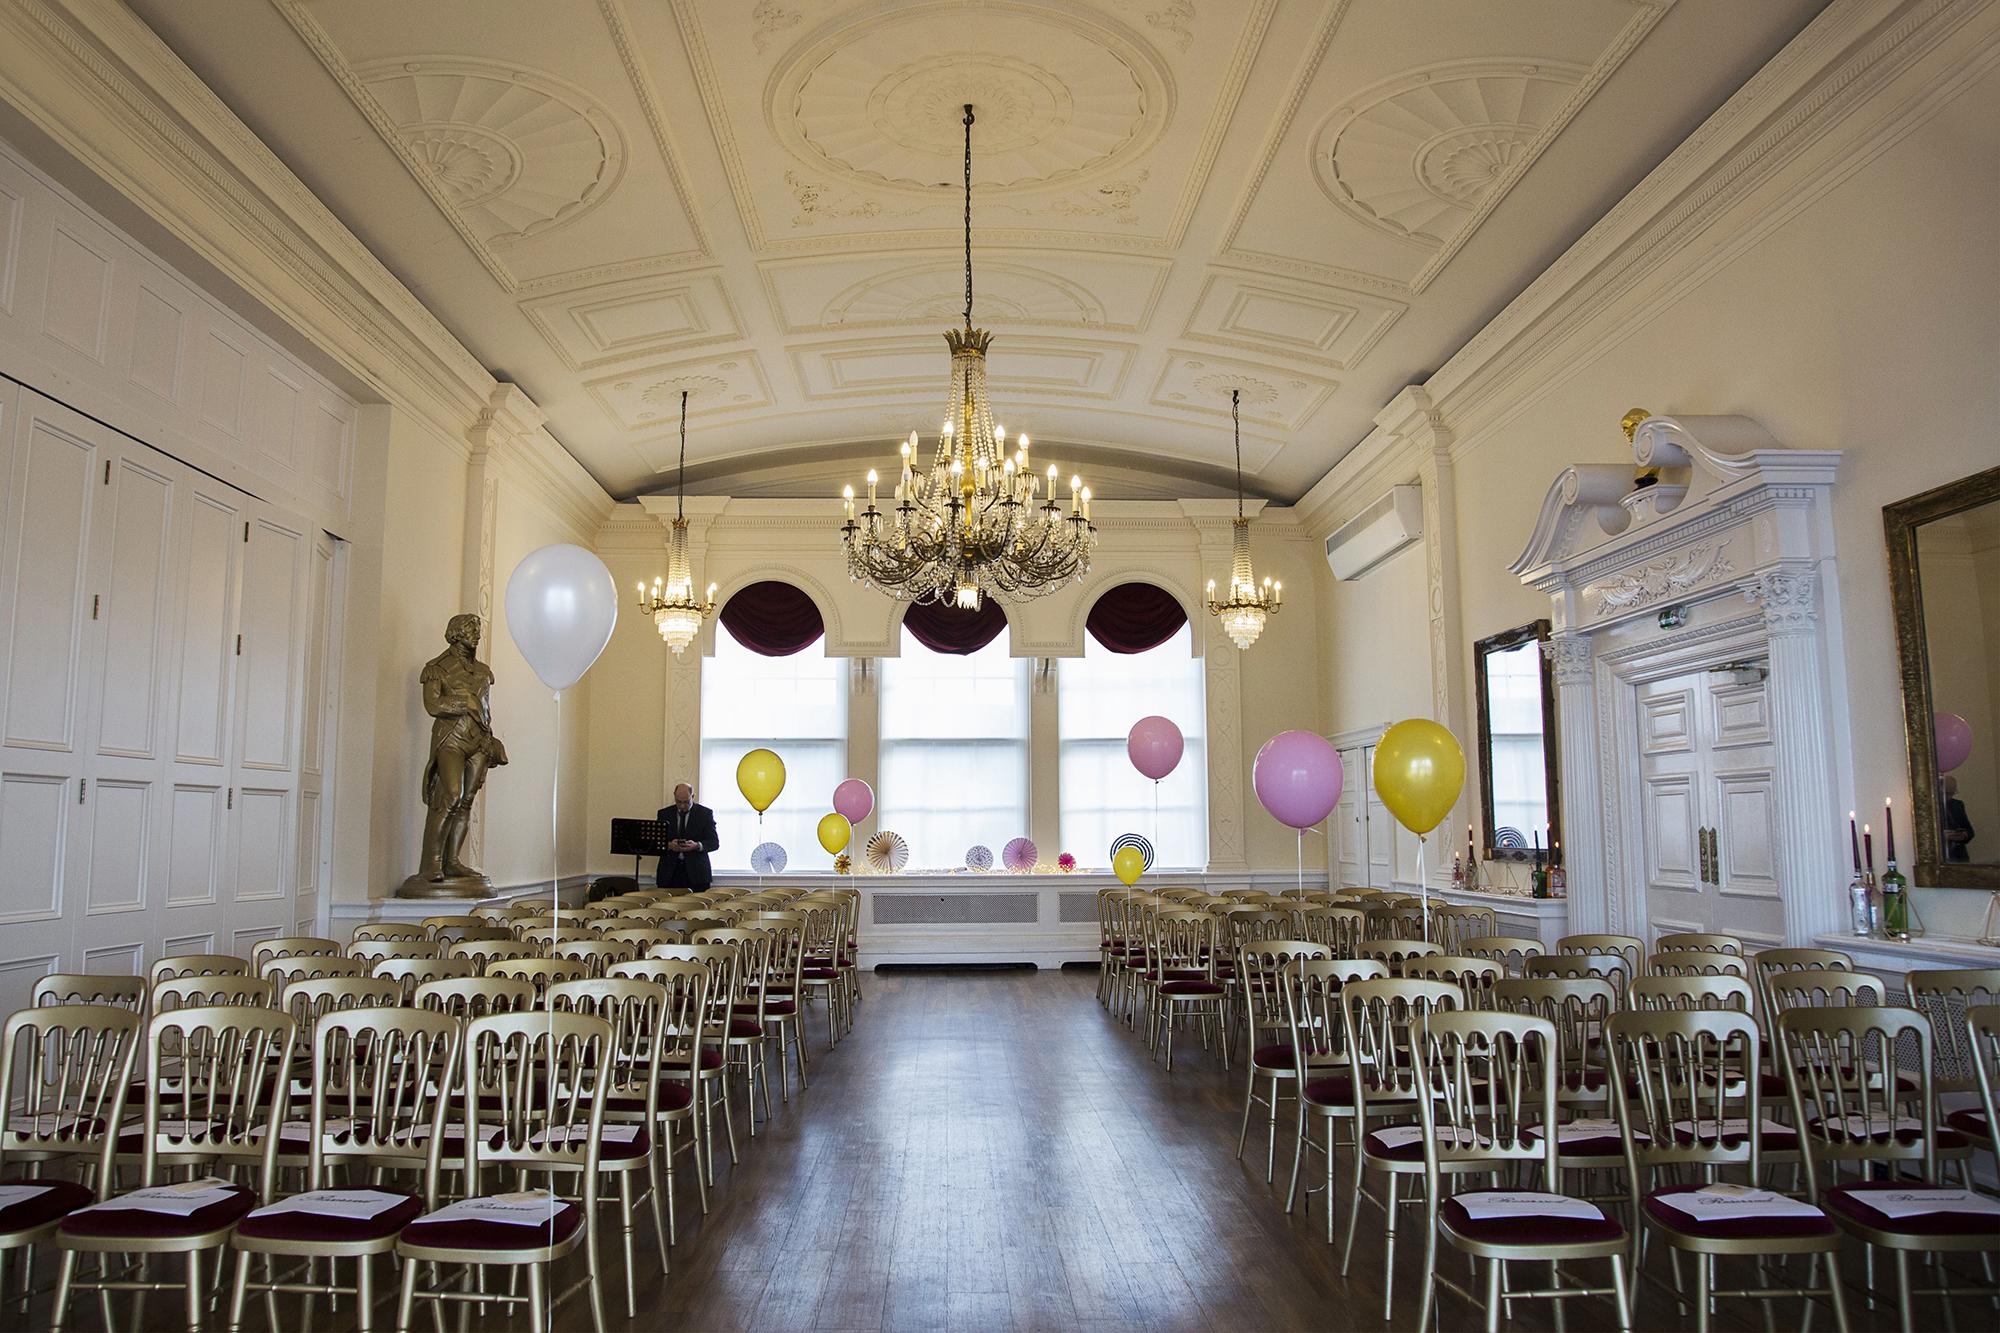 Trafalgar-Tavern-Greenwich-Wedding-Charlott-King-Photography (72)